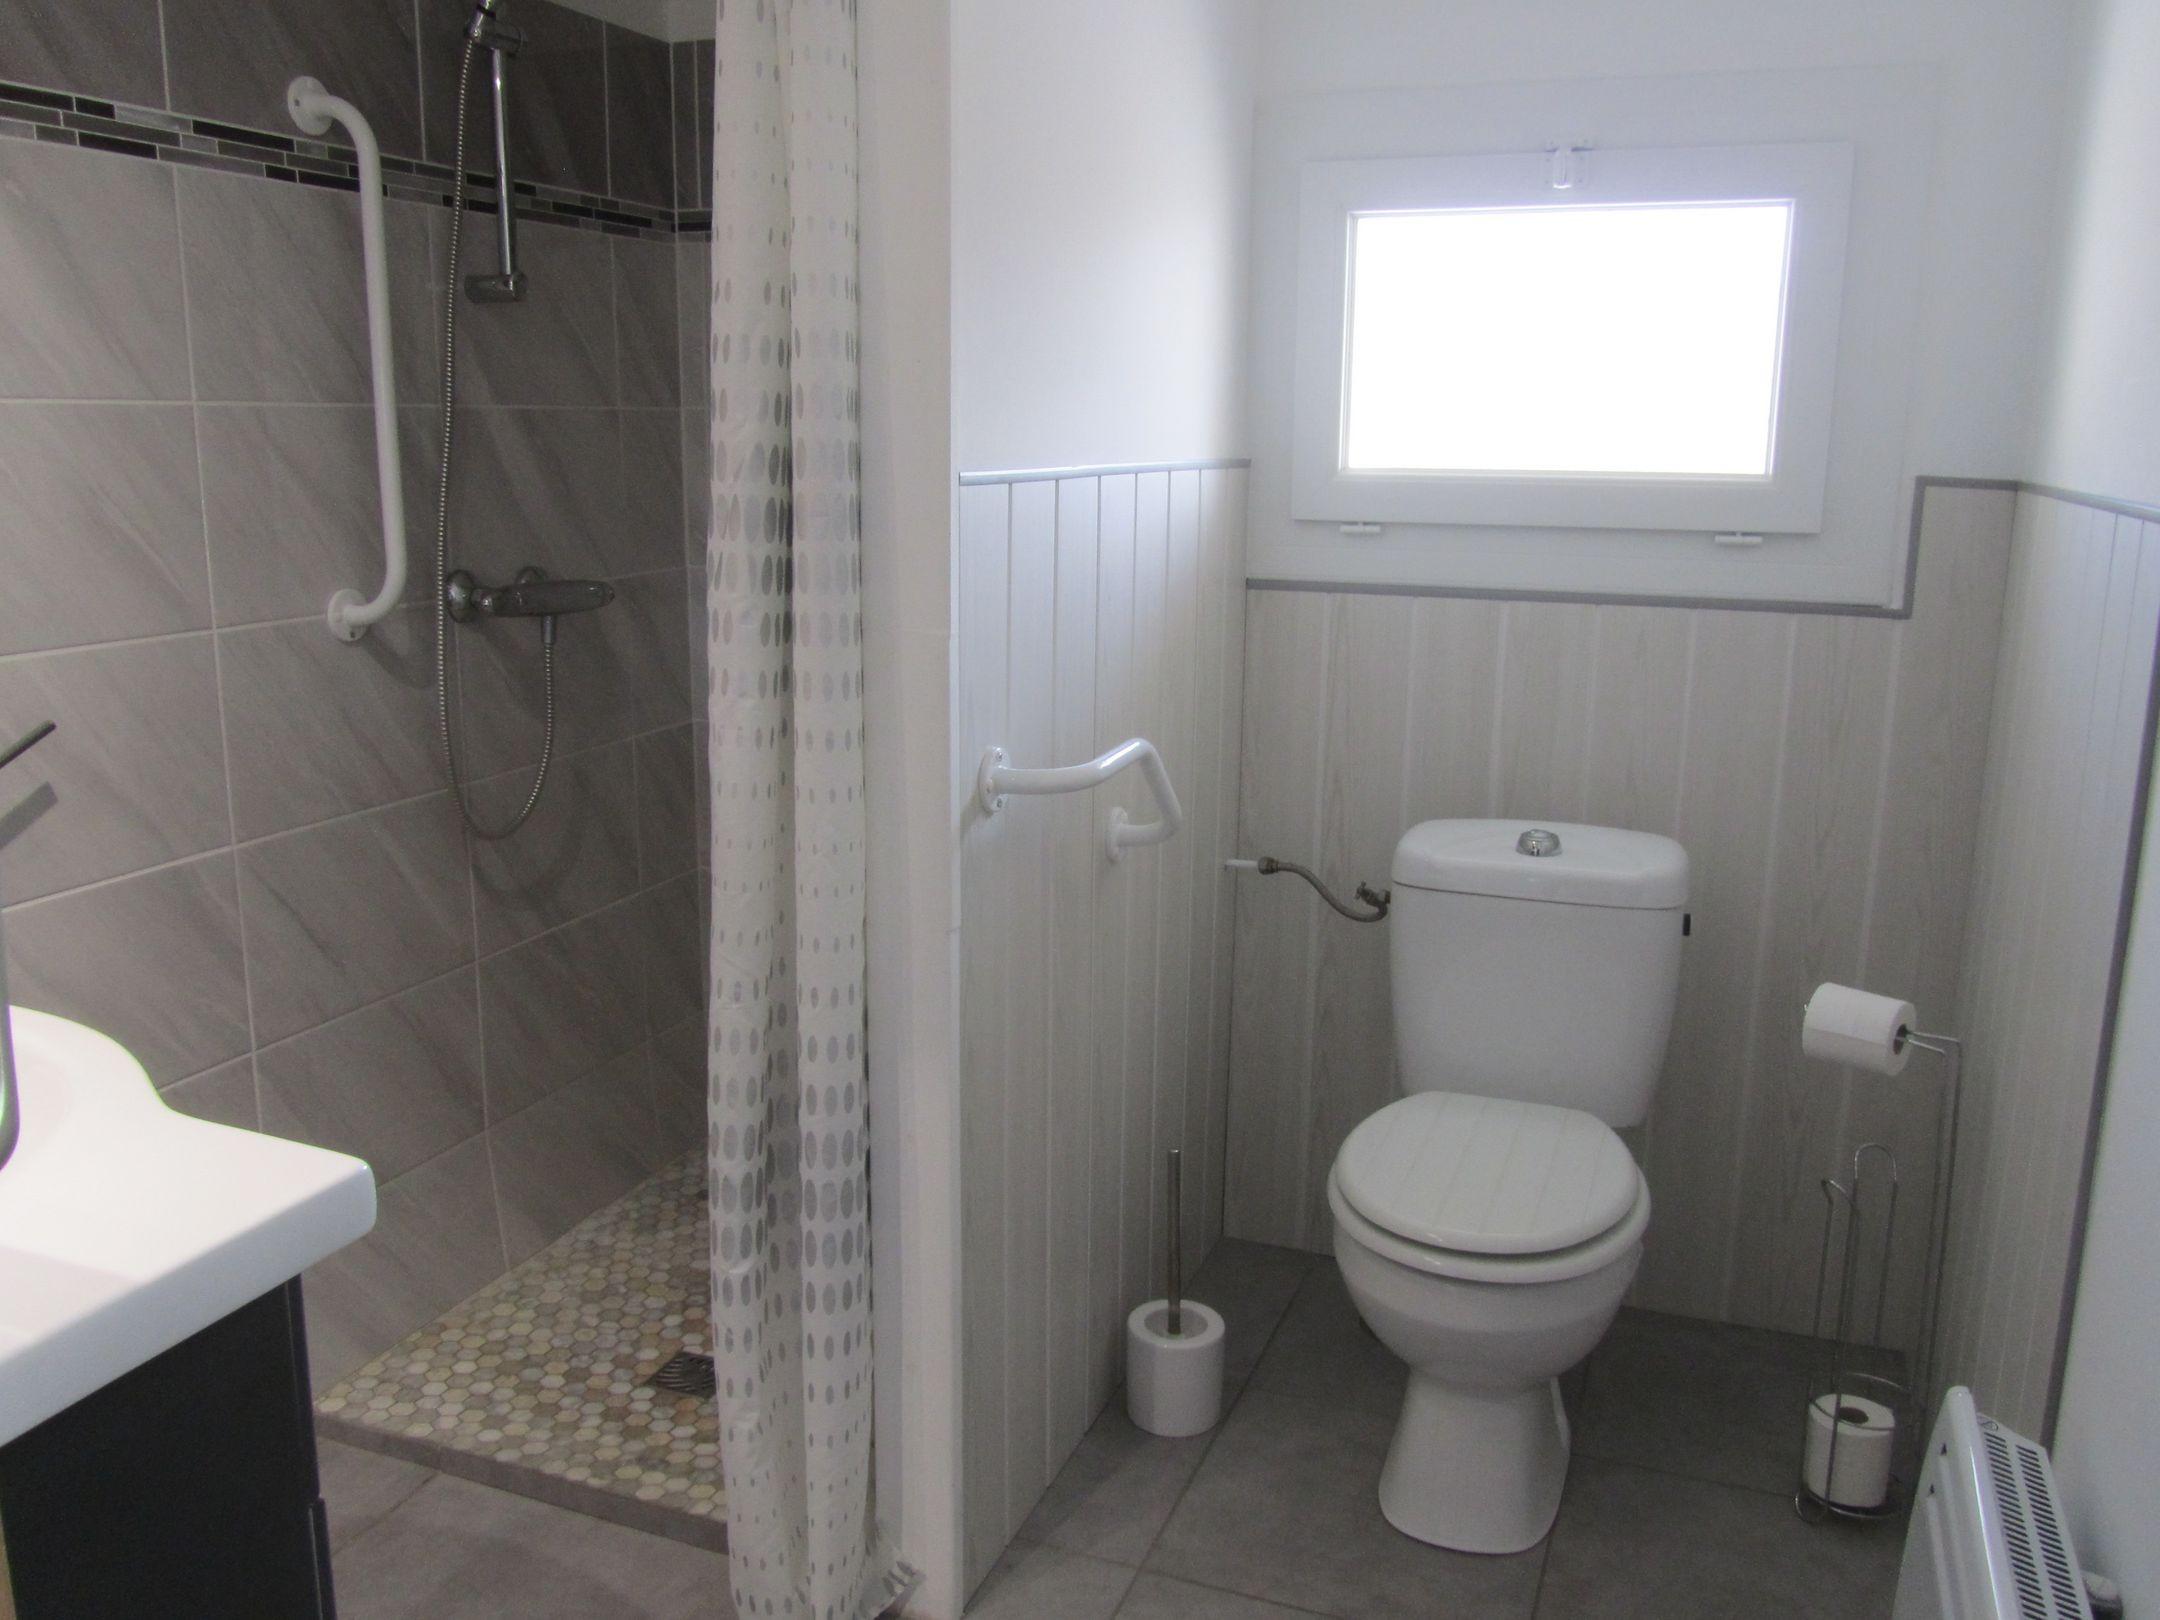 Salle d'eau - douche à l'italienne